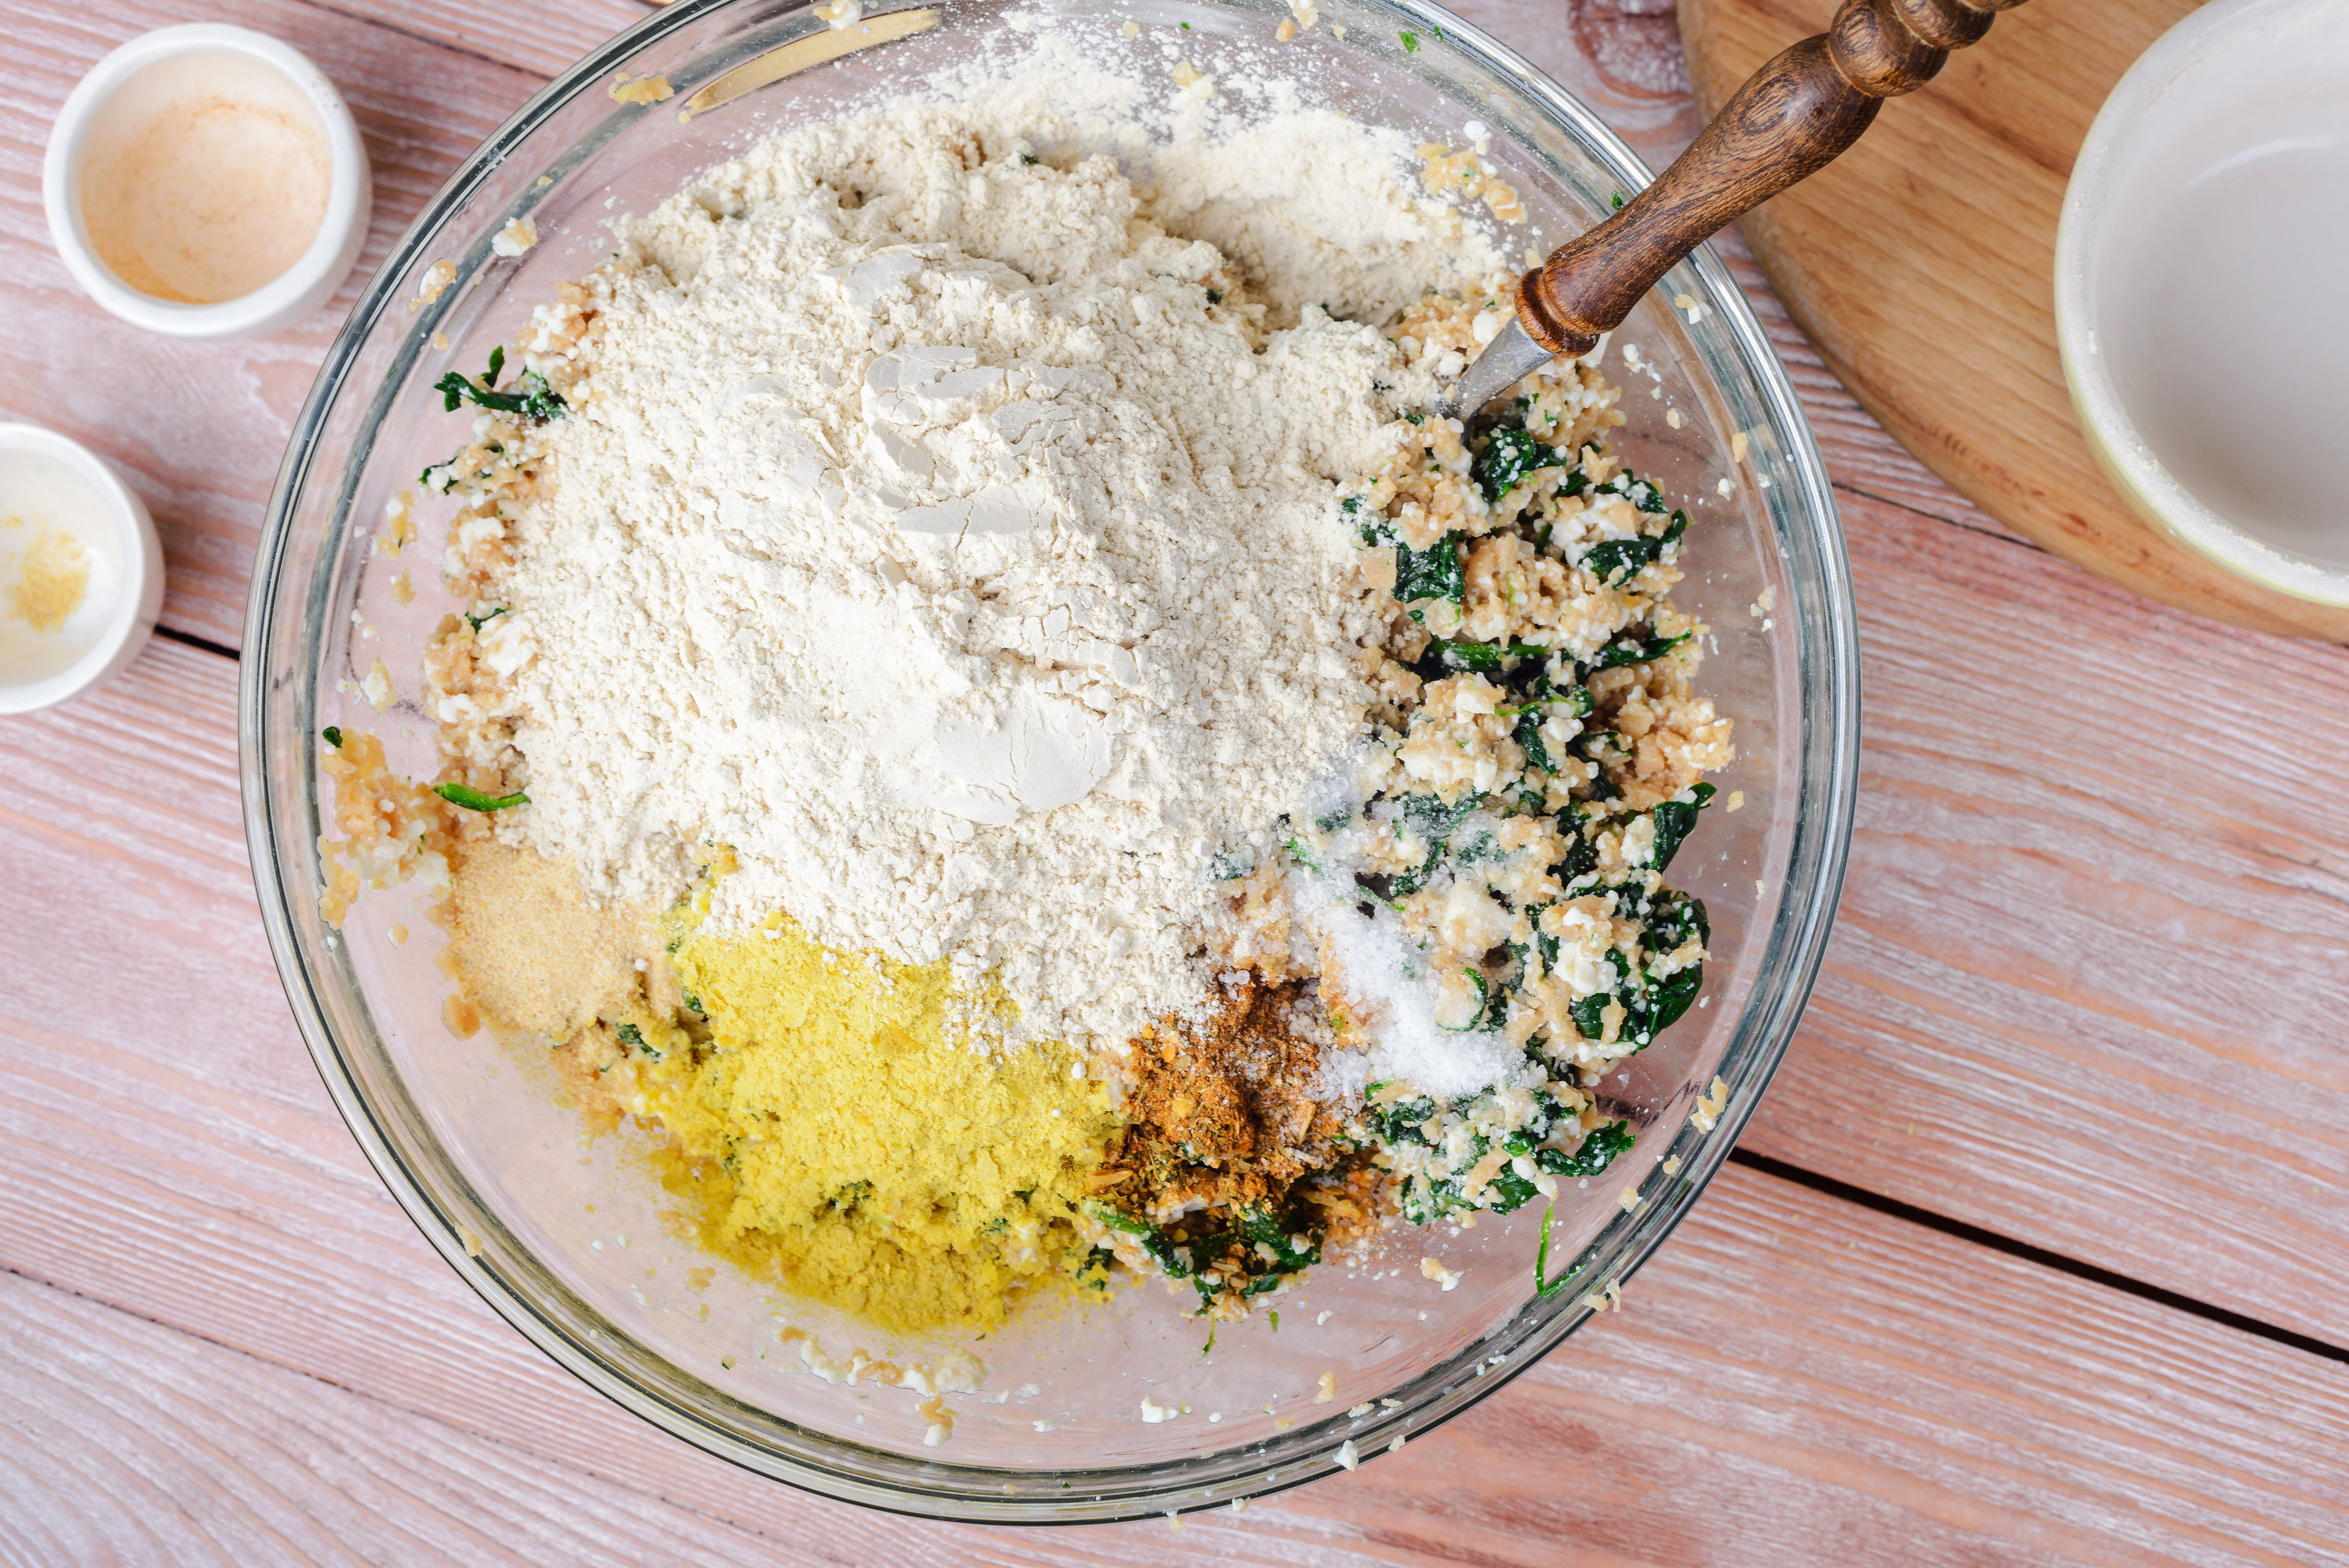 Stir in remaining ingredients